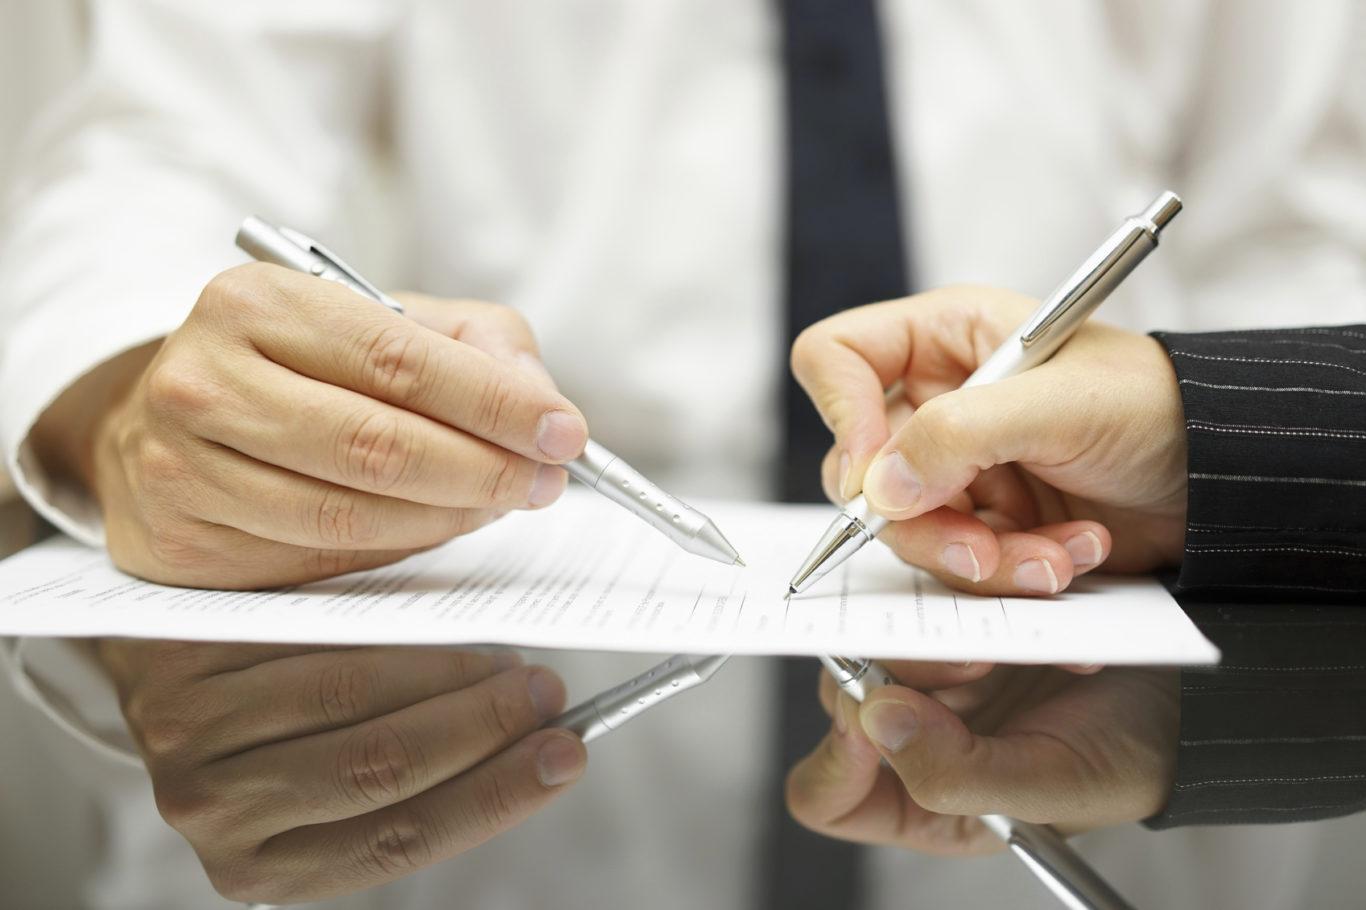 【確認必須】ソーシャルレンディングにおける担保と保証の仕組みを徹底解説